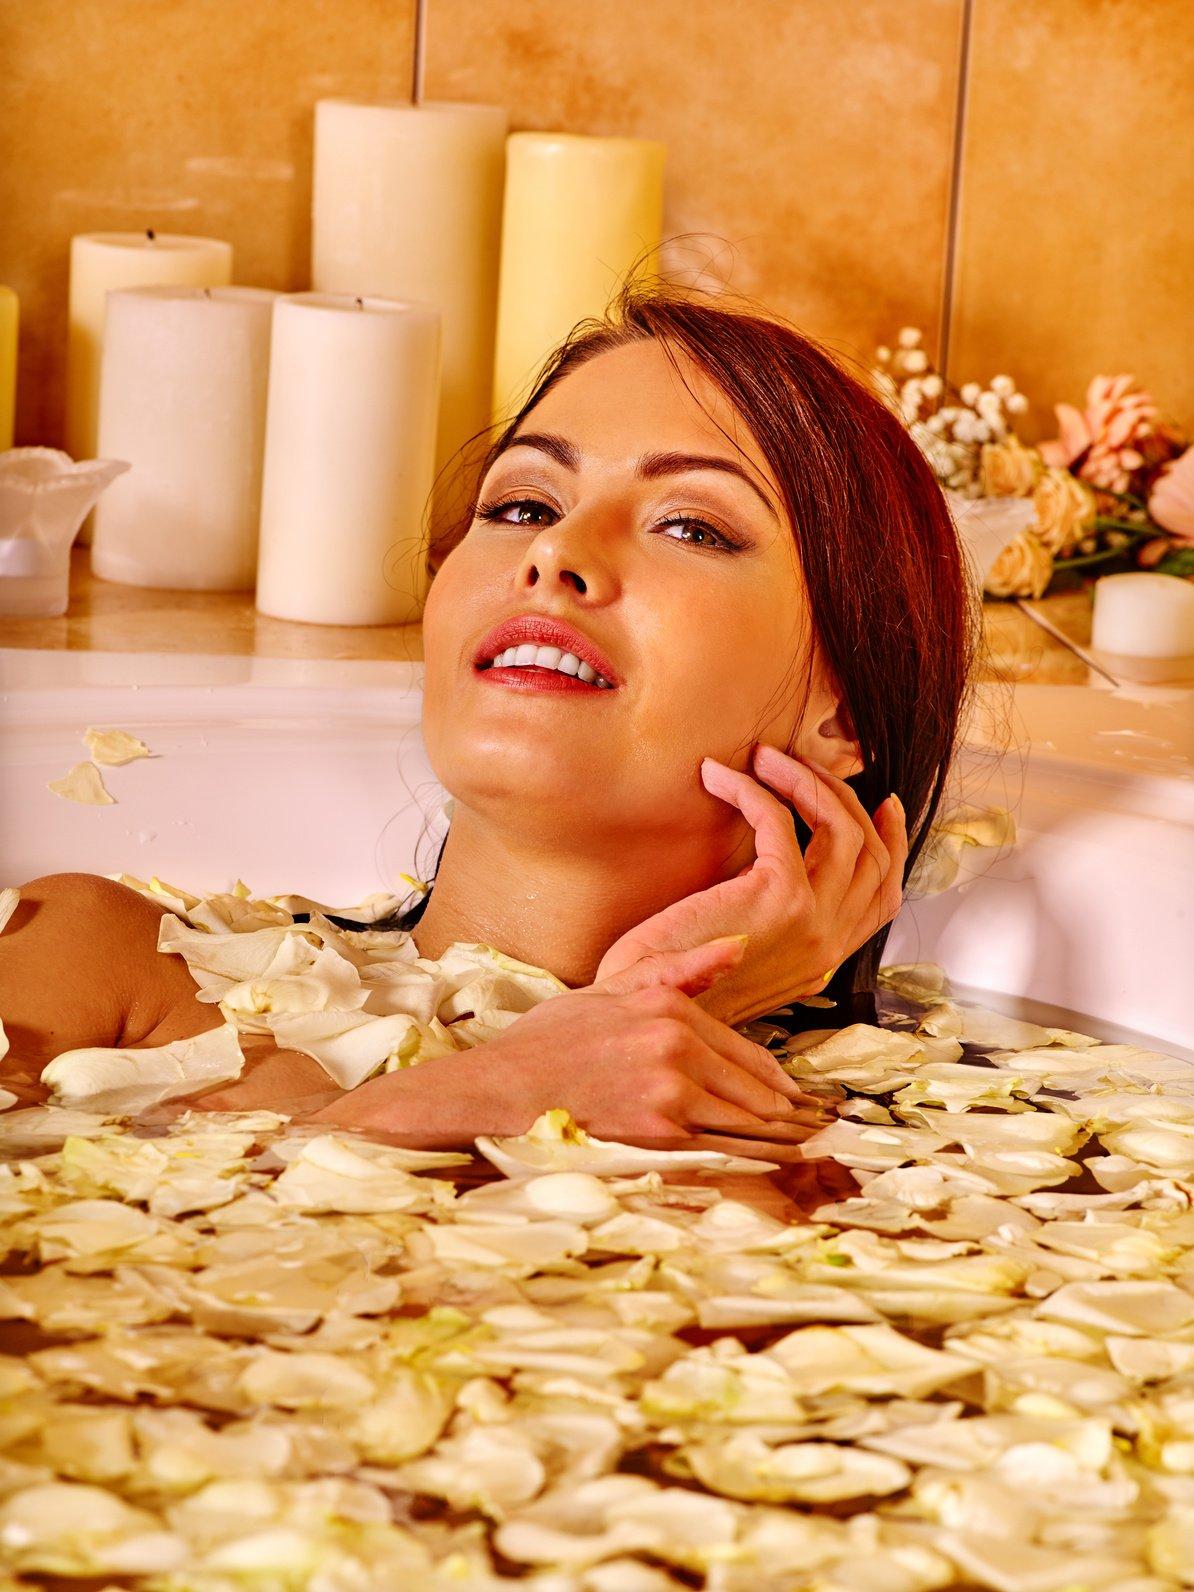 Nasza wykwalifikowana kadra zapewni profesjonalny masaż Lublin